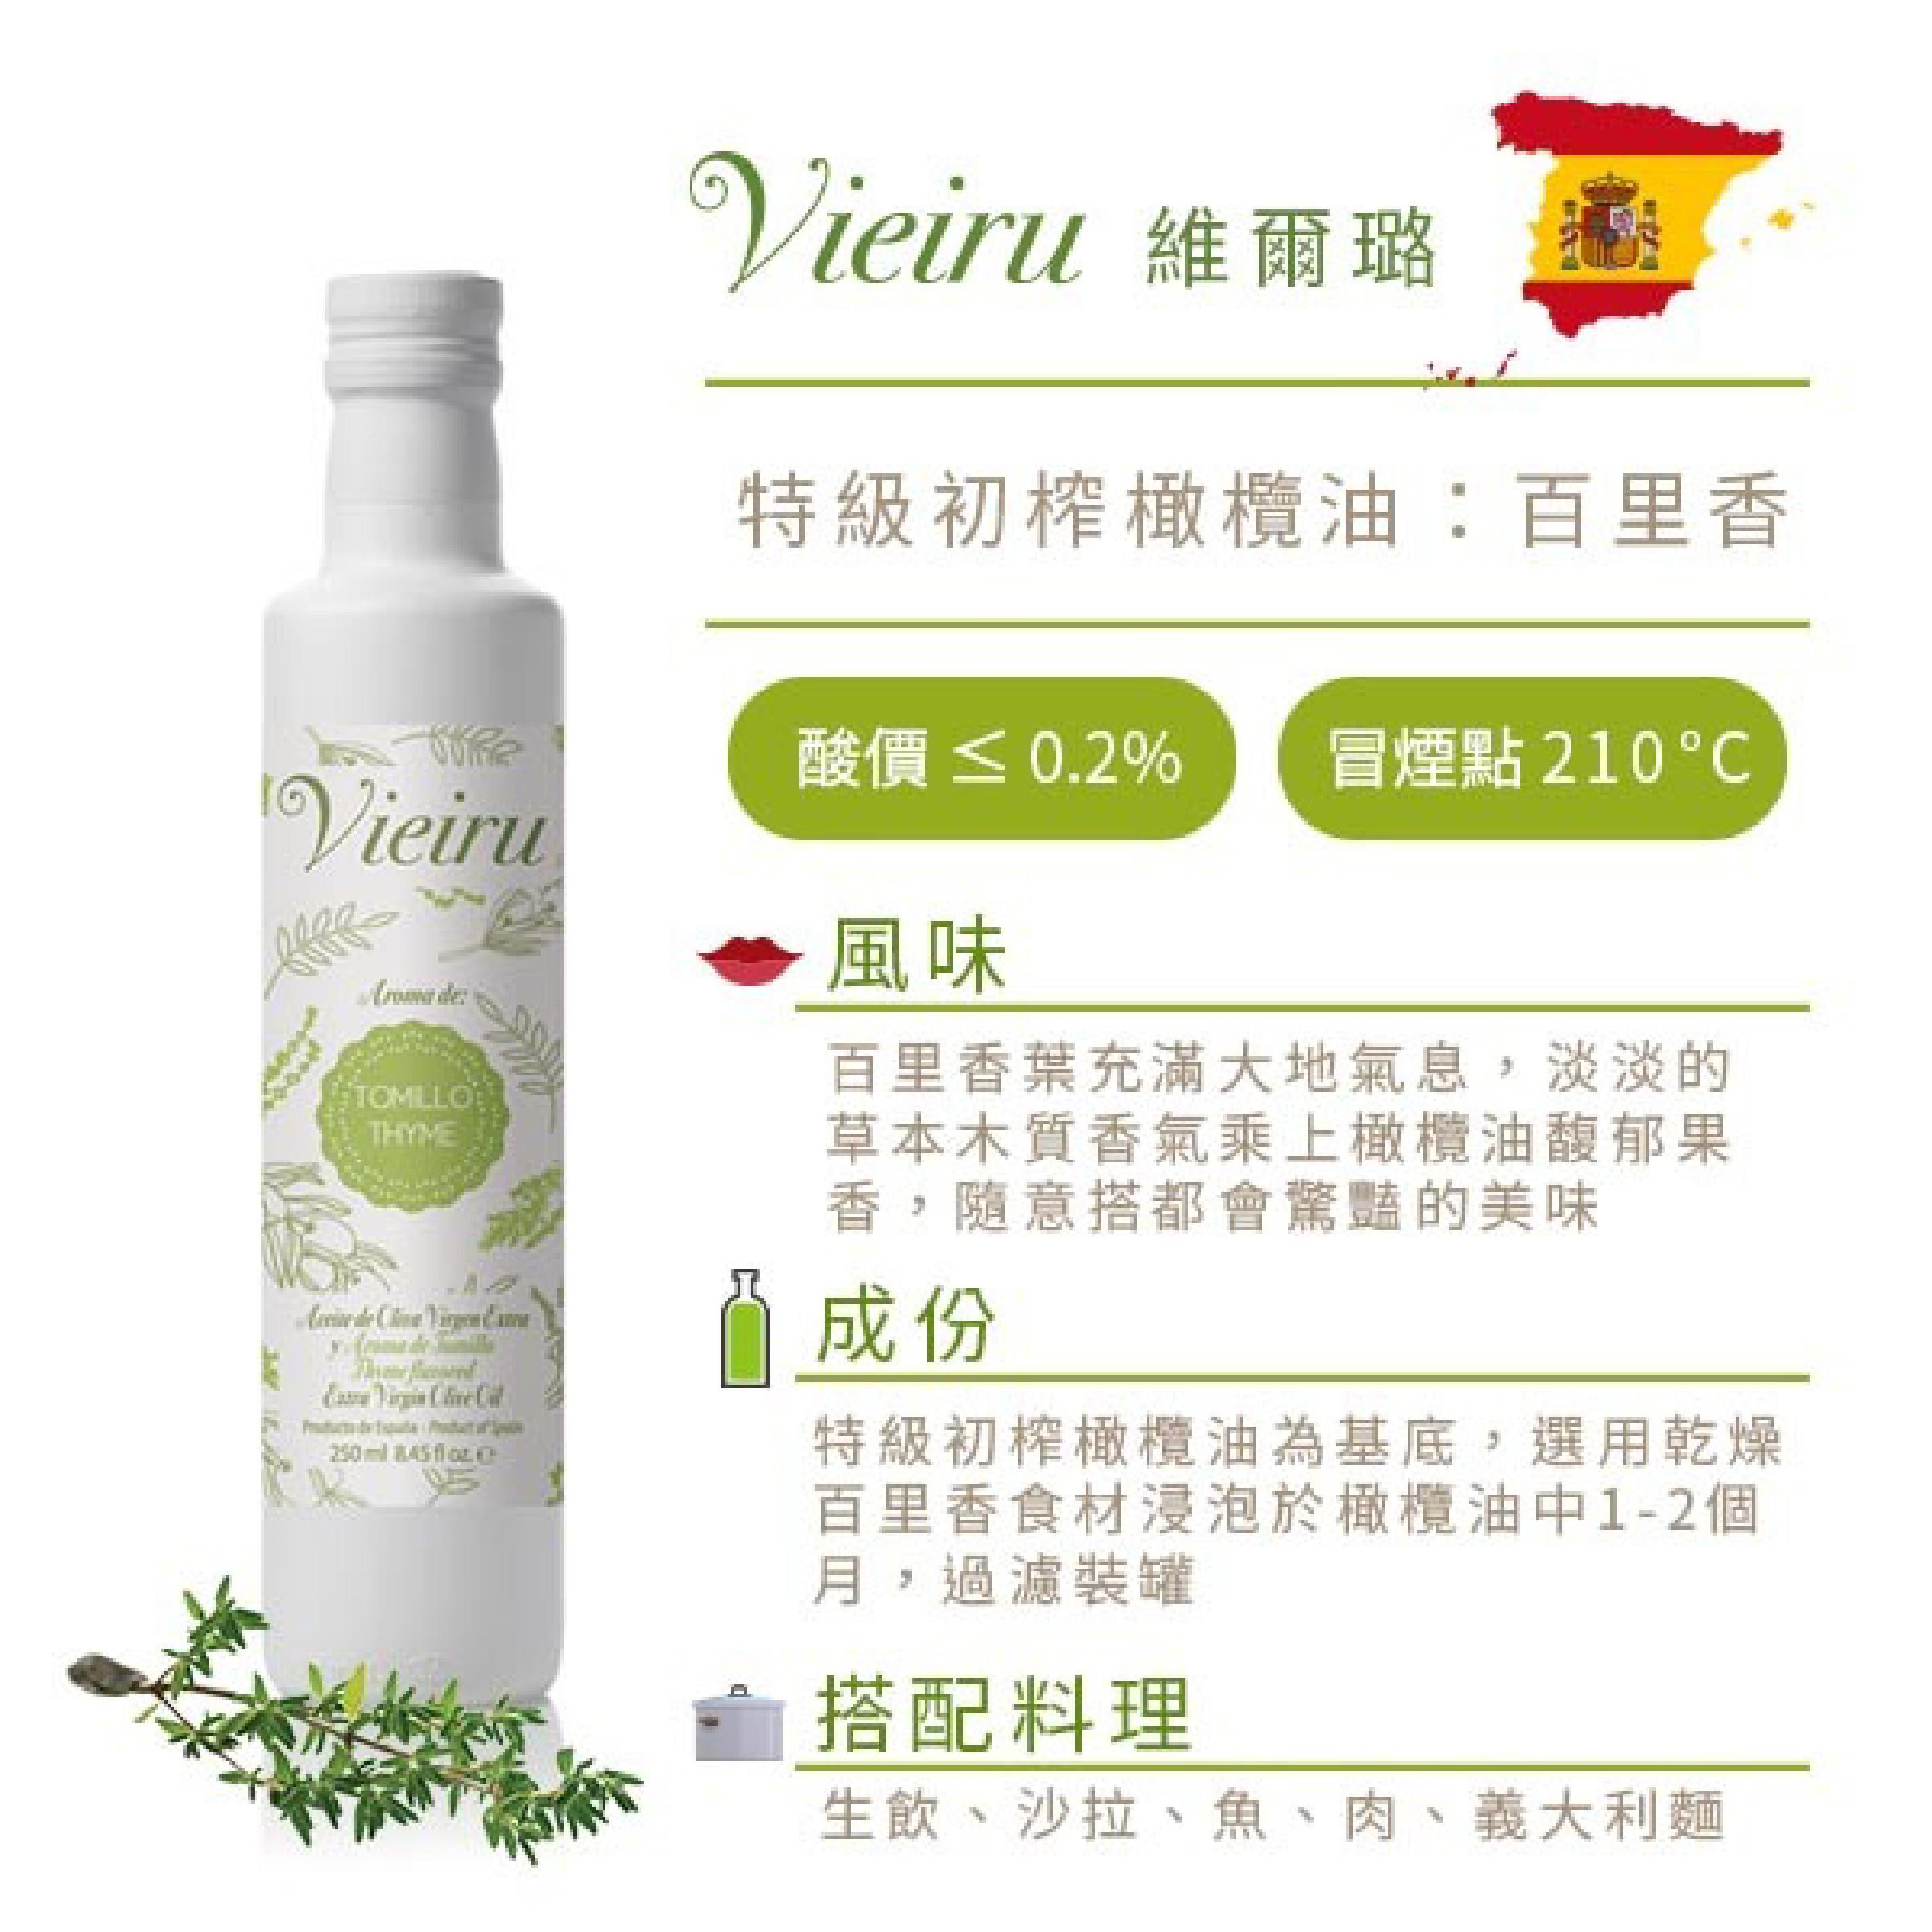 【好食好市】Vieiru 維爾璐 - 特級初榨百里香風味橄欖油